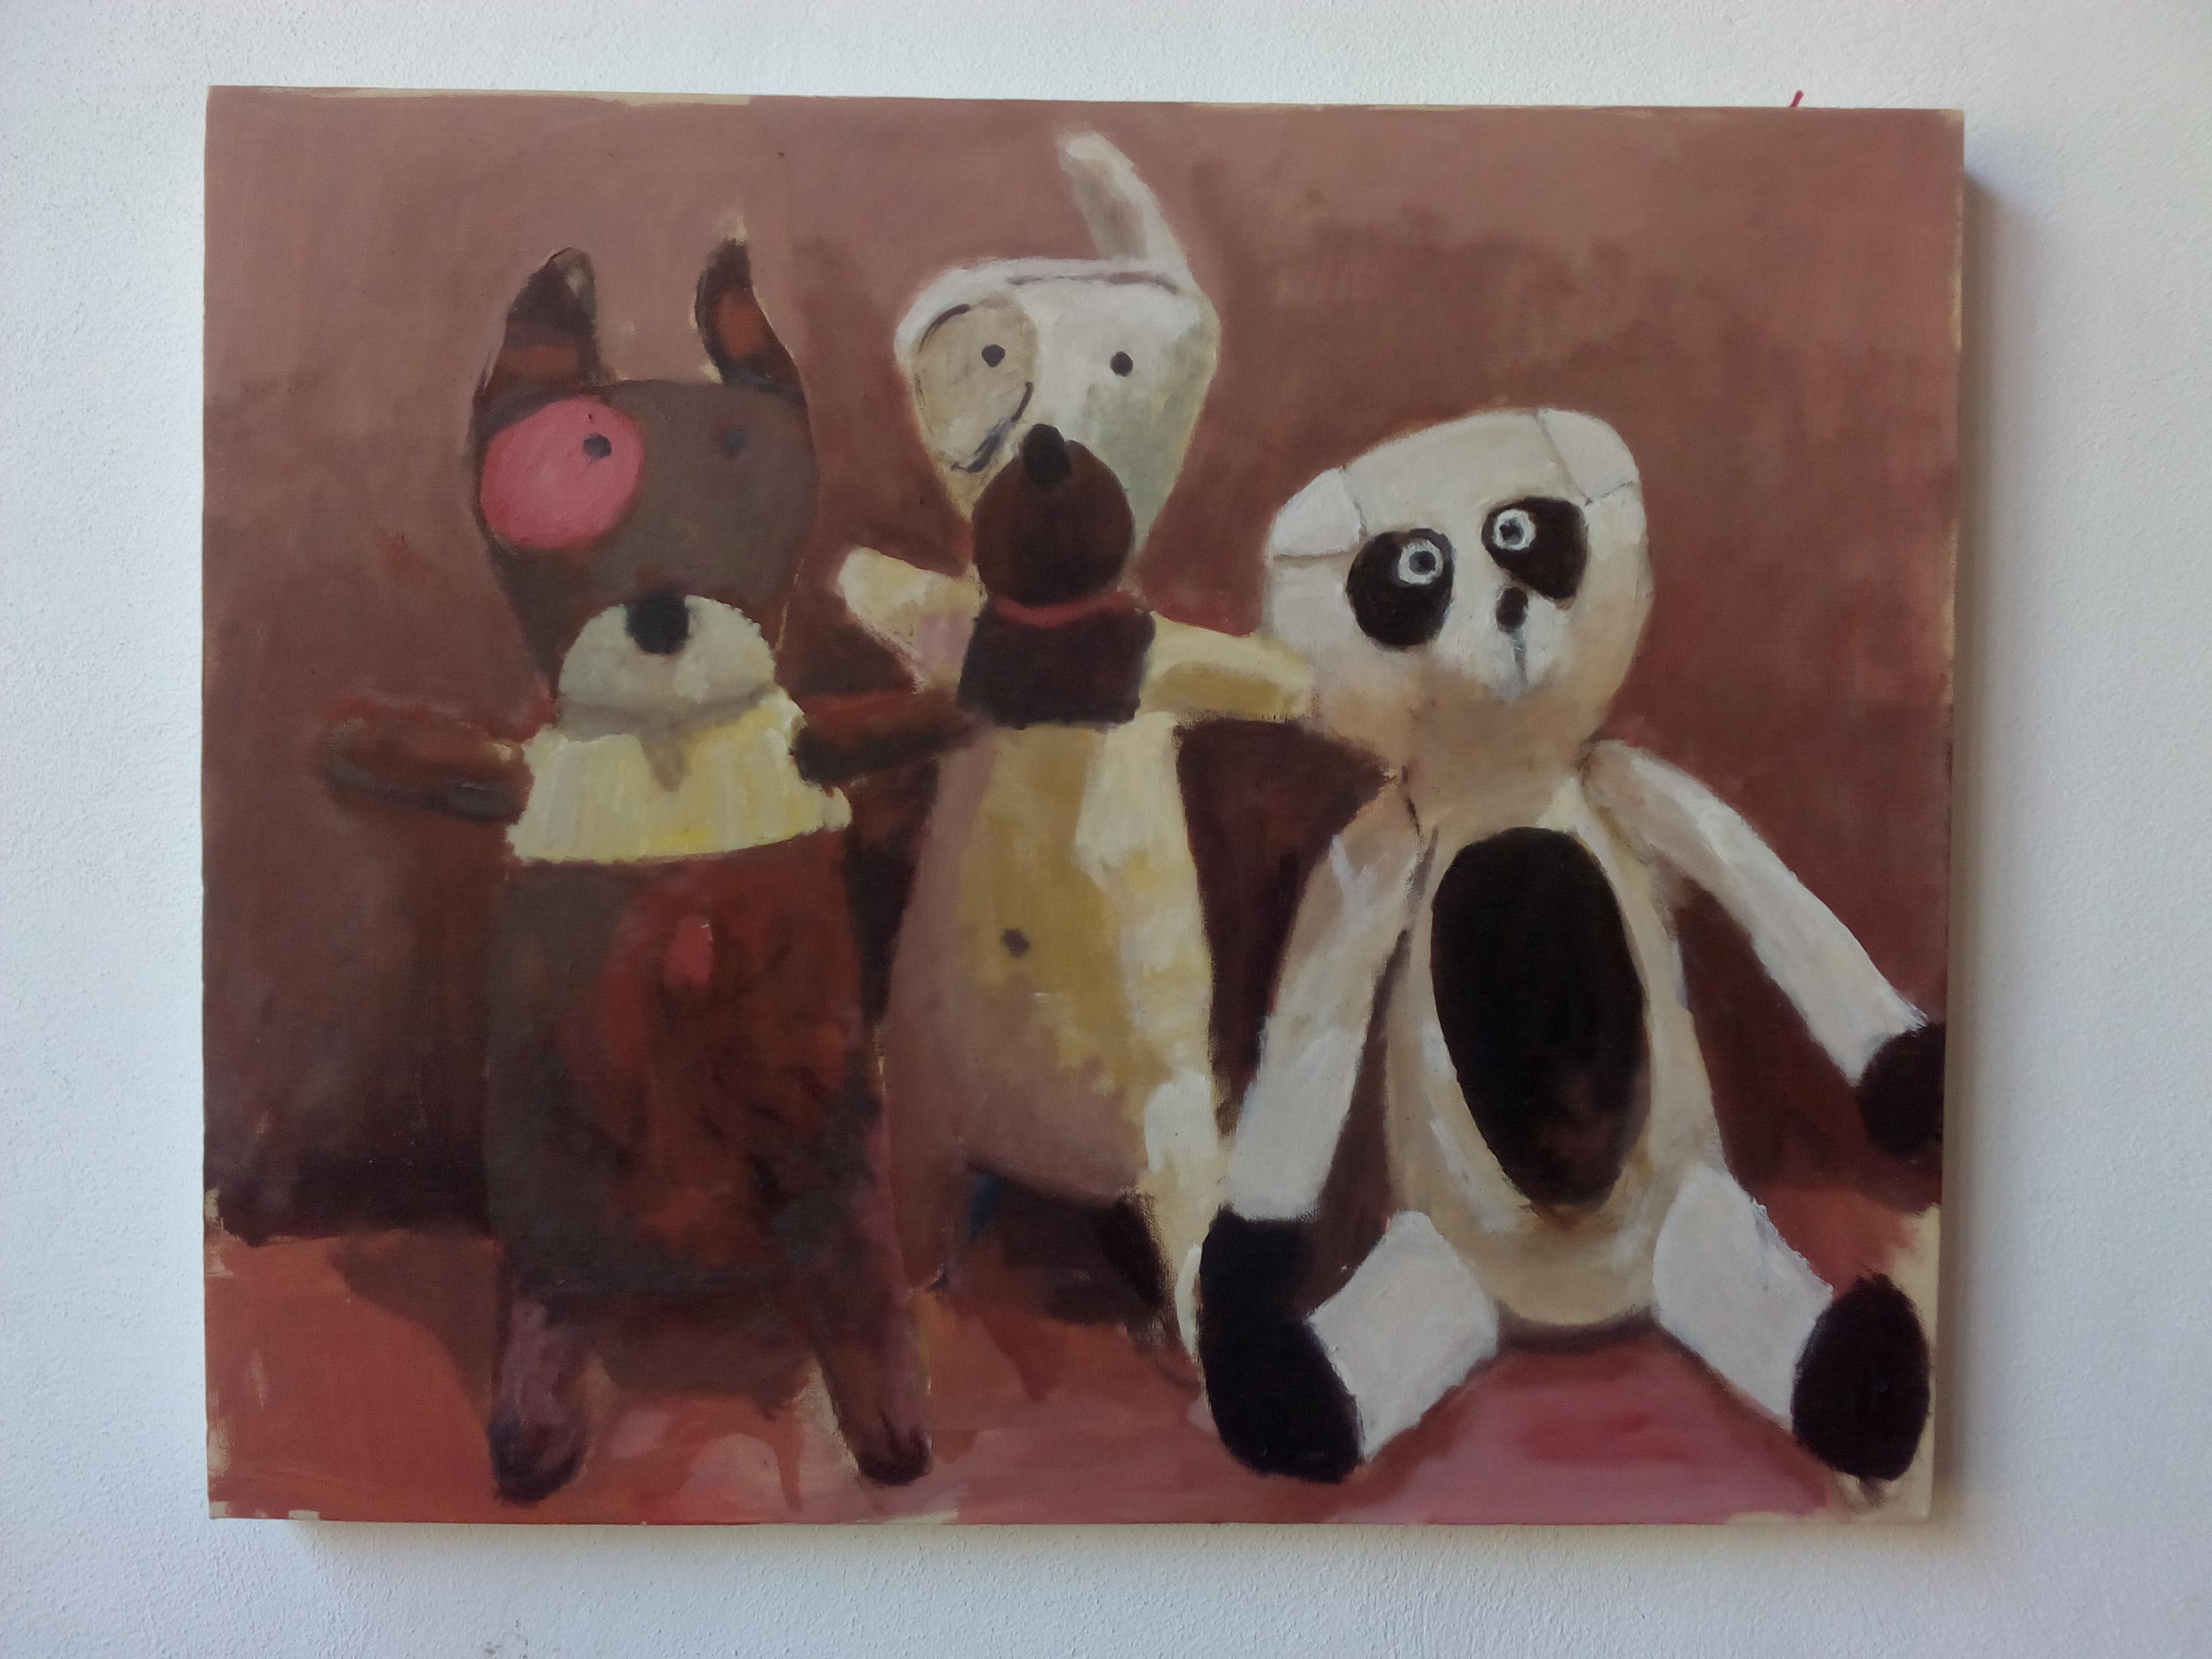 amigos para siempre - Arti Leimbacher 2014/15 - óleo 61x50